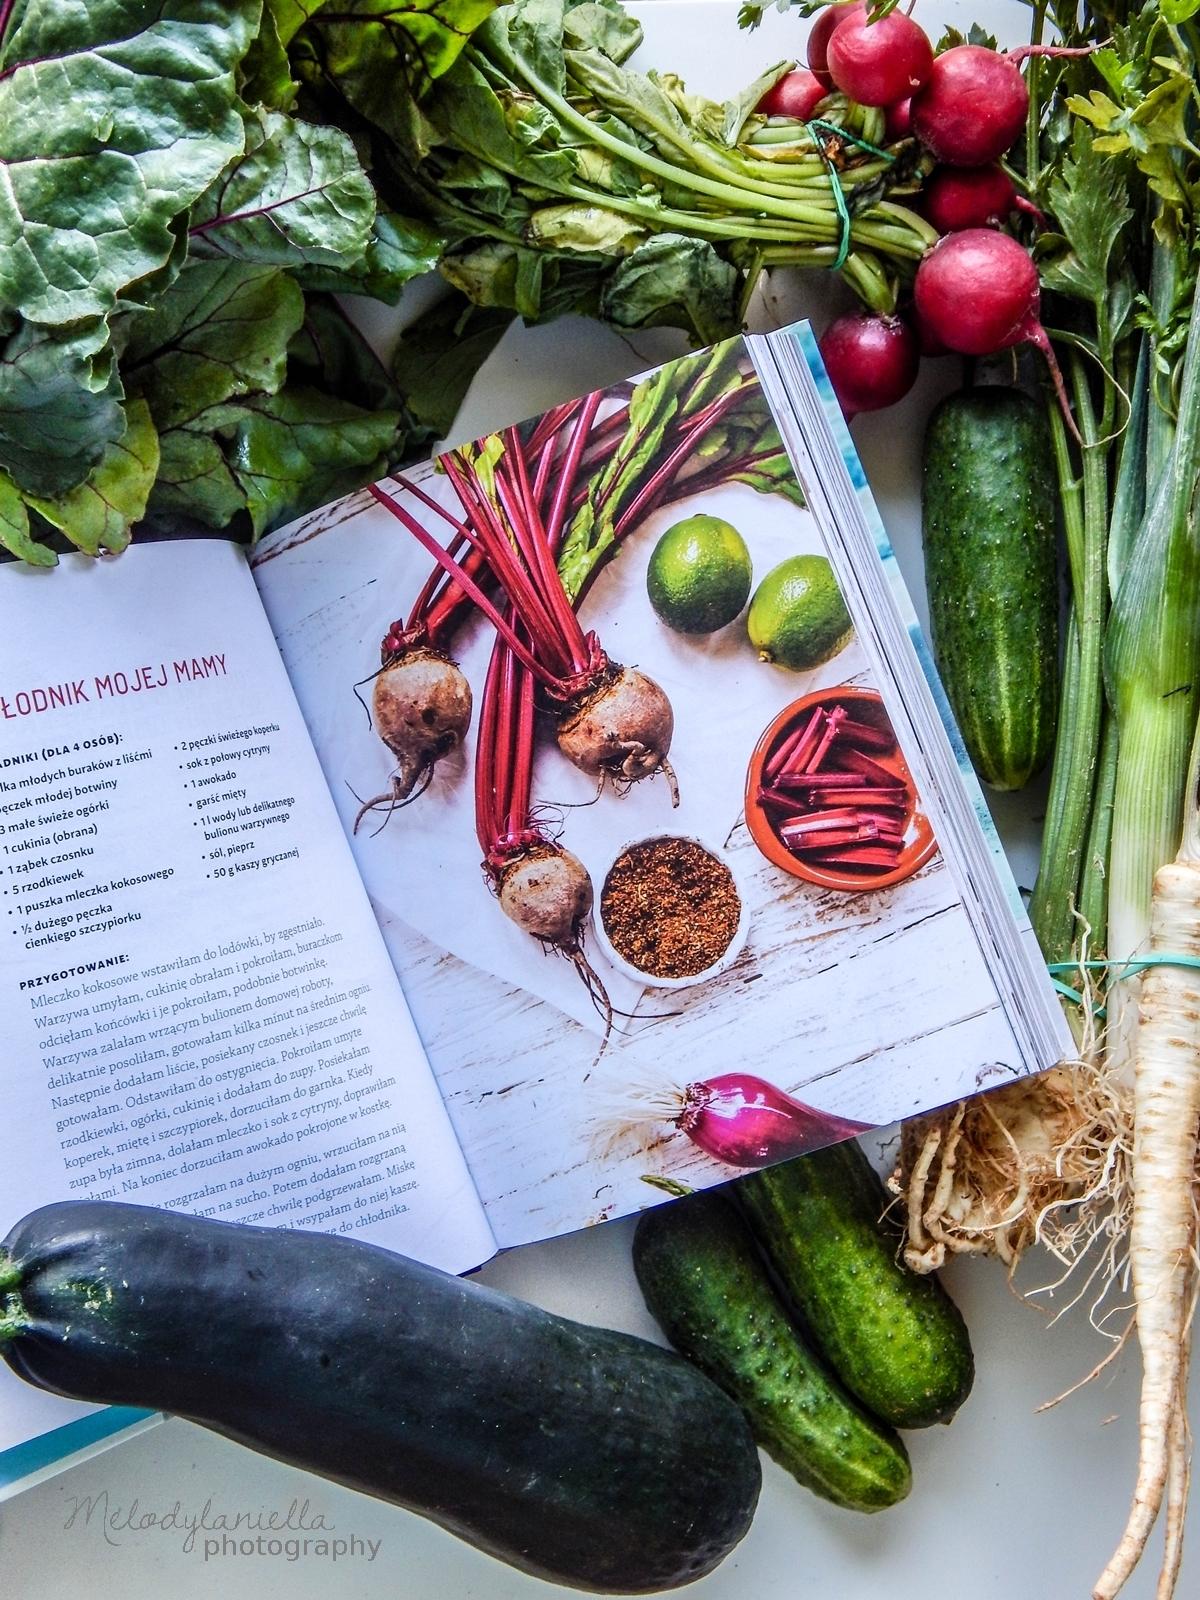 zdrowe gotowanie by ann anna lewandowska ksiazka kucharska recenzja melodylaniella jedzenie zdrowe ozywianie dieta porady fit health sportowa dieta.jpg chlodnik mojej mamy